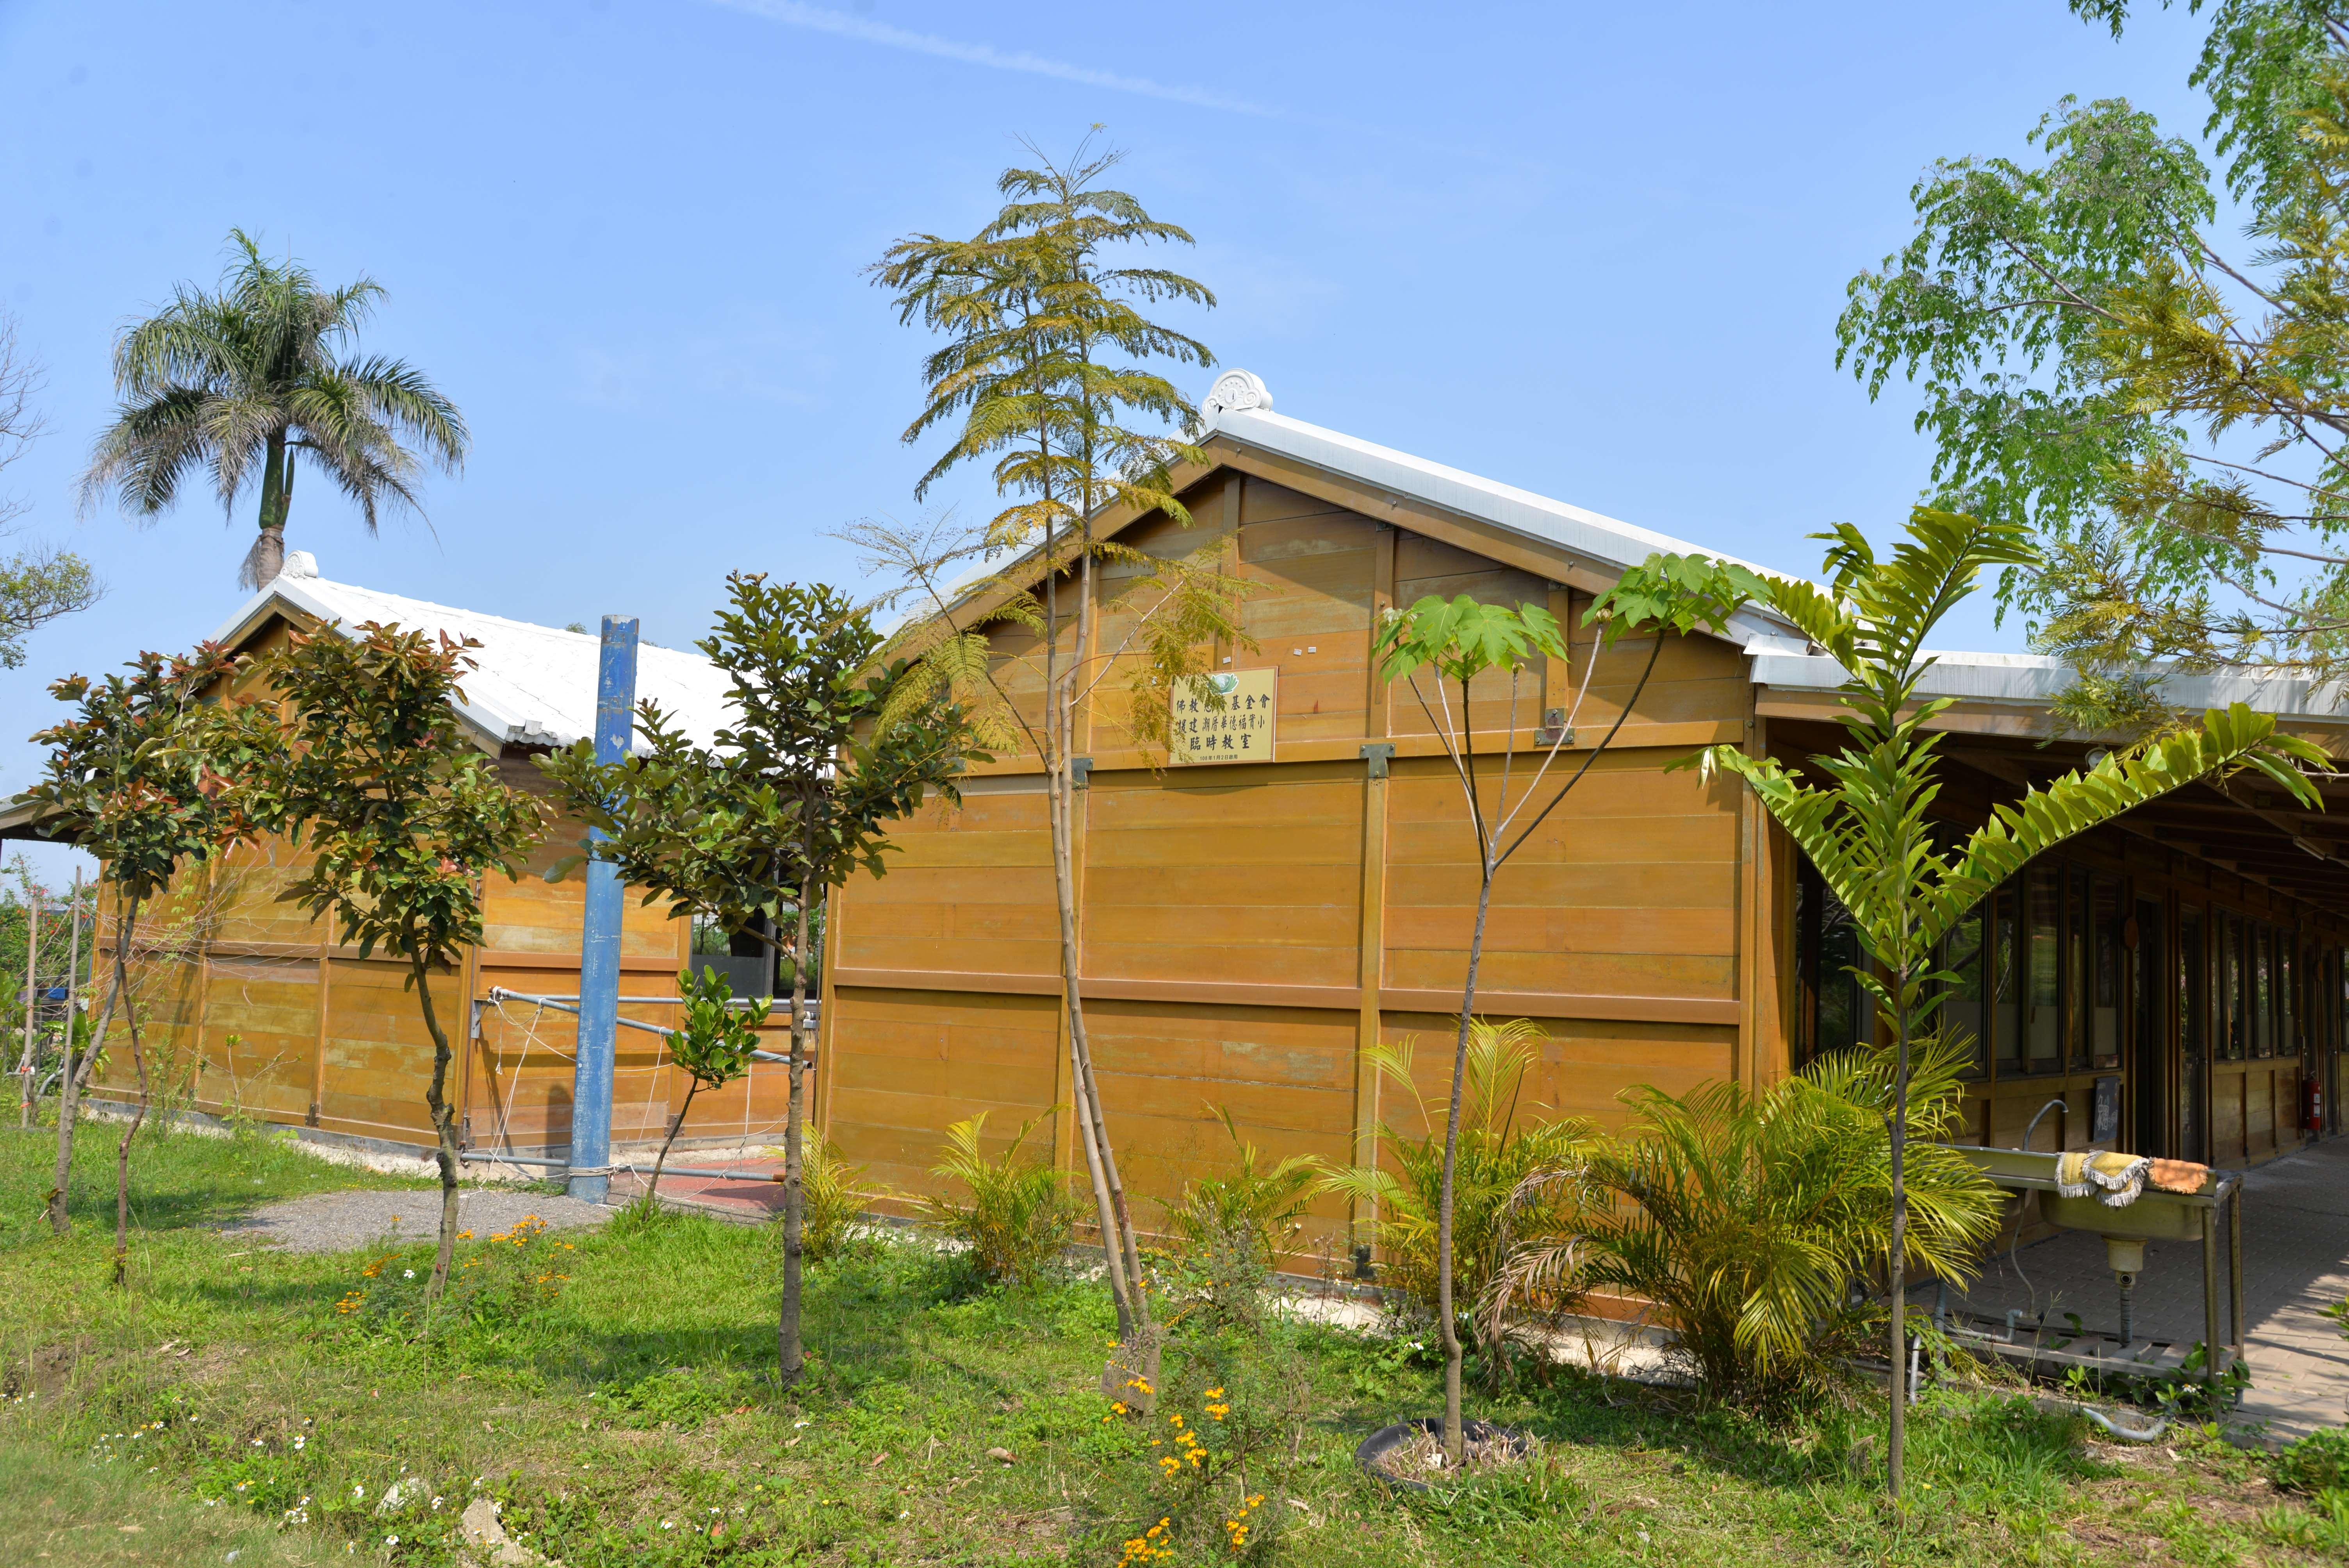 潮厝華德福教育實驗國小教室不足亟待擴增,去年在慈濟援建下6間大愛教室正式啟用,今起六間教室增建工程動土,未來可望讓孩子擁有舒適又寬敞空間,學習不中斷。